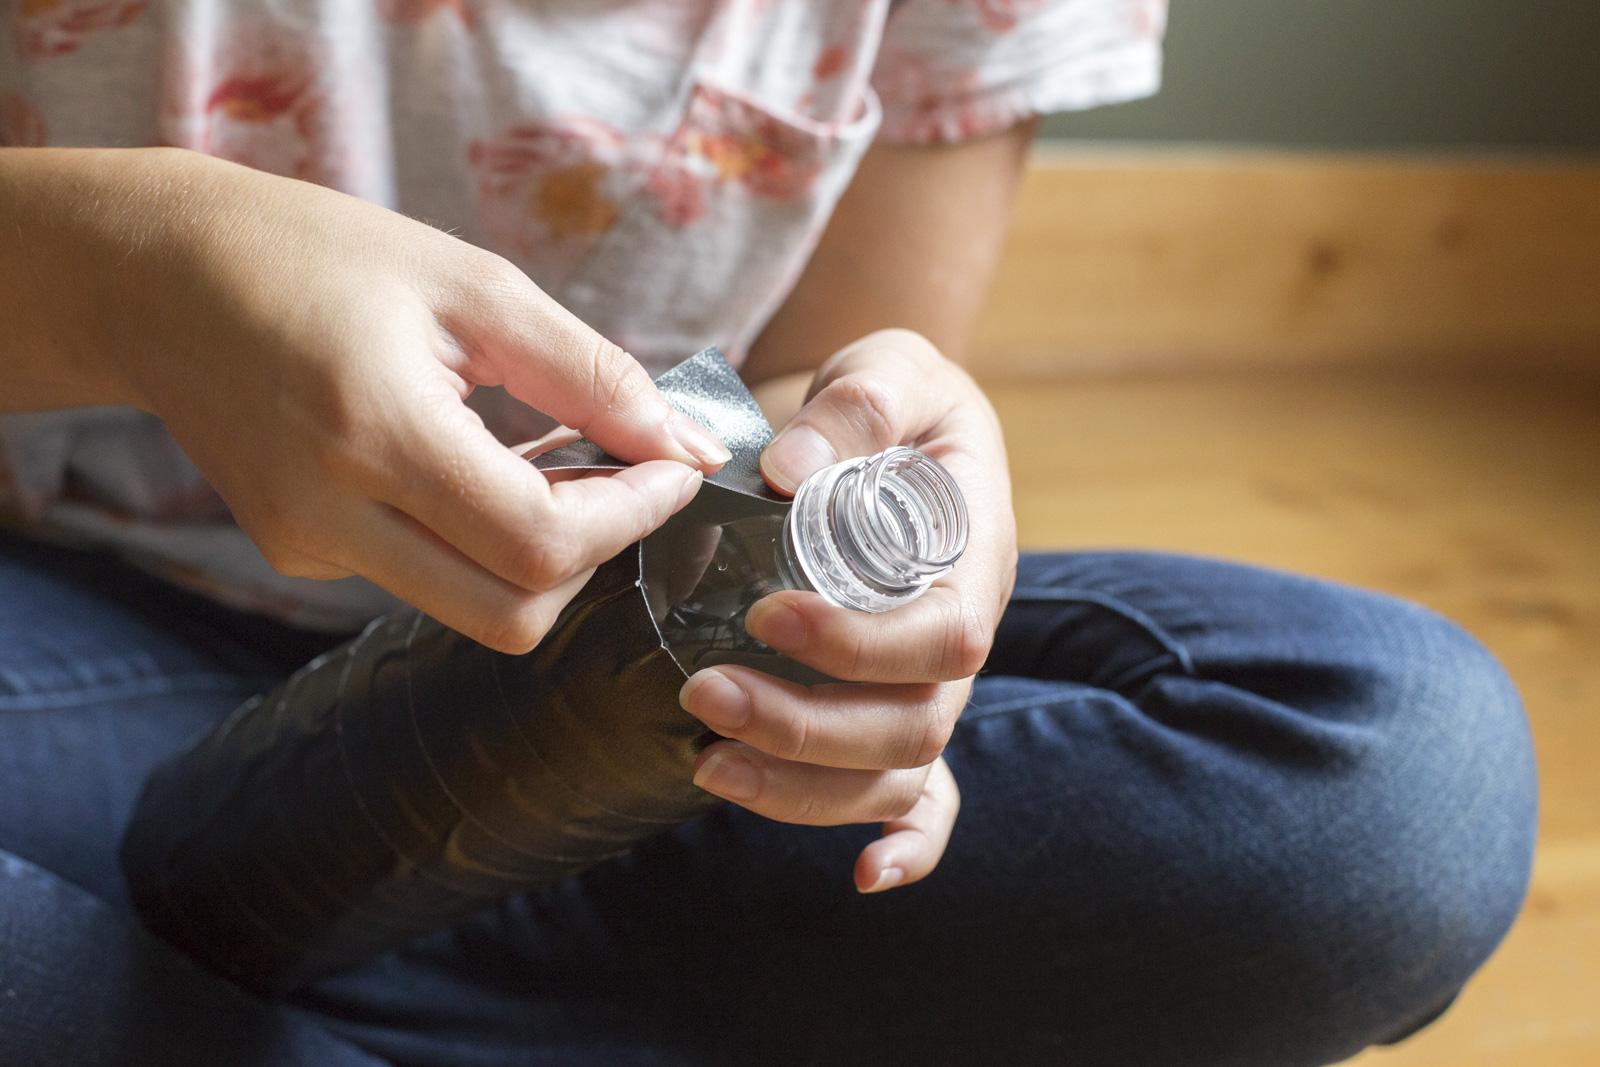 taping water bottle